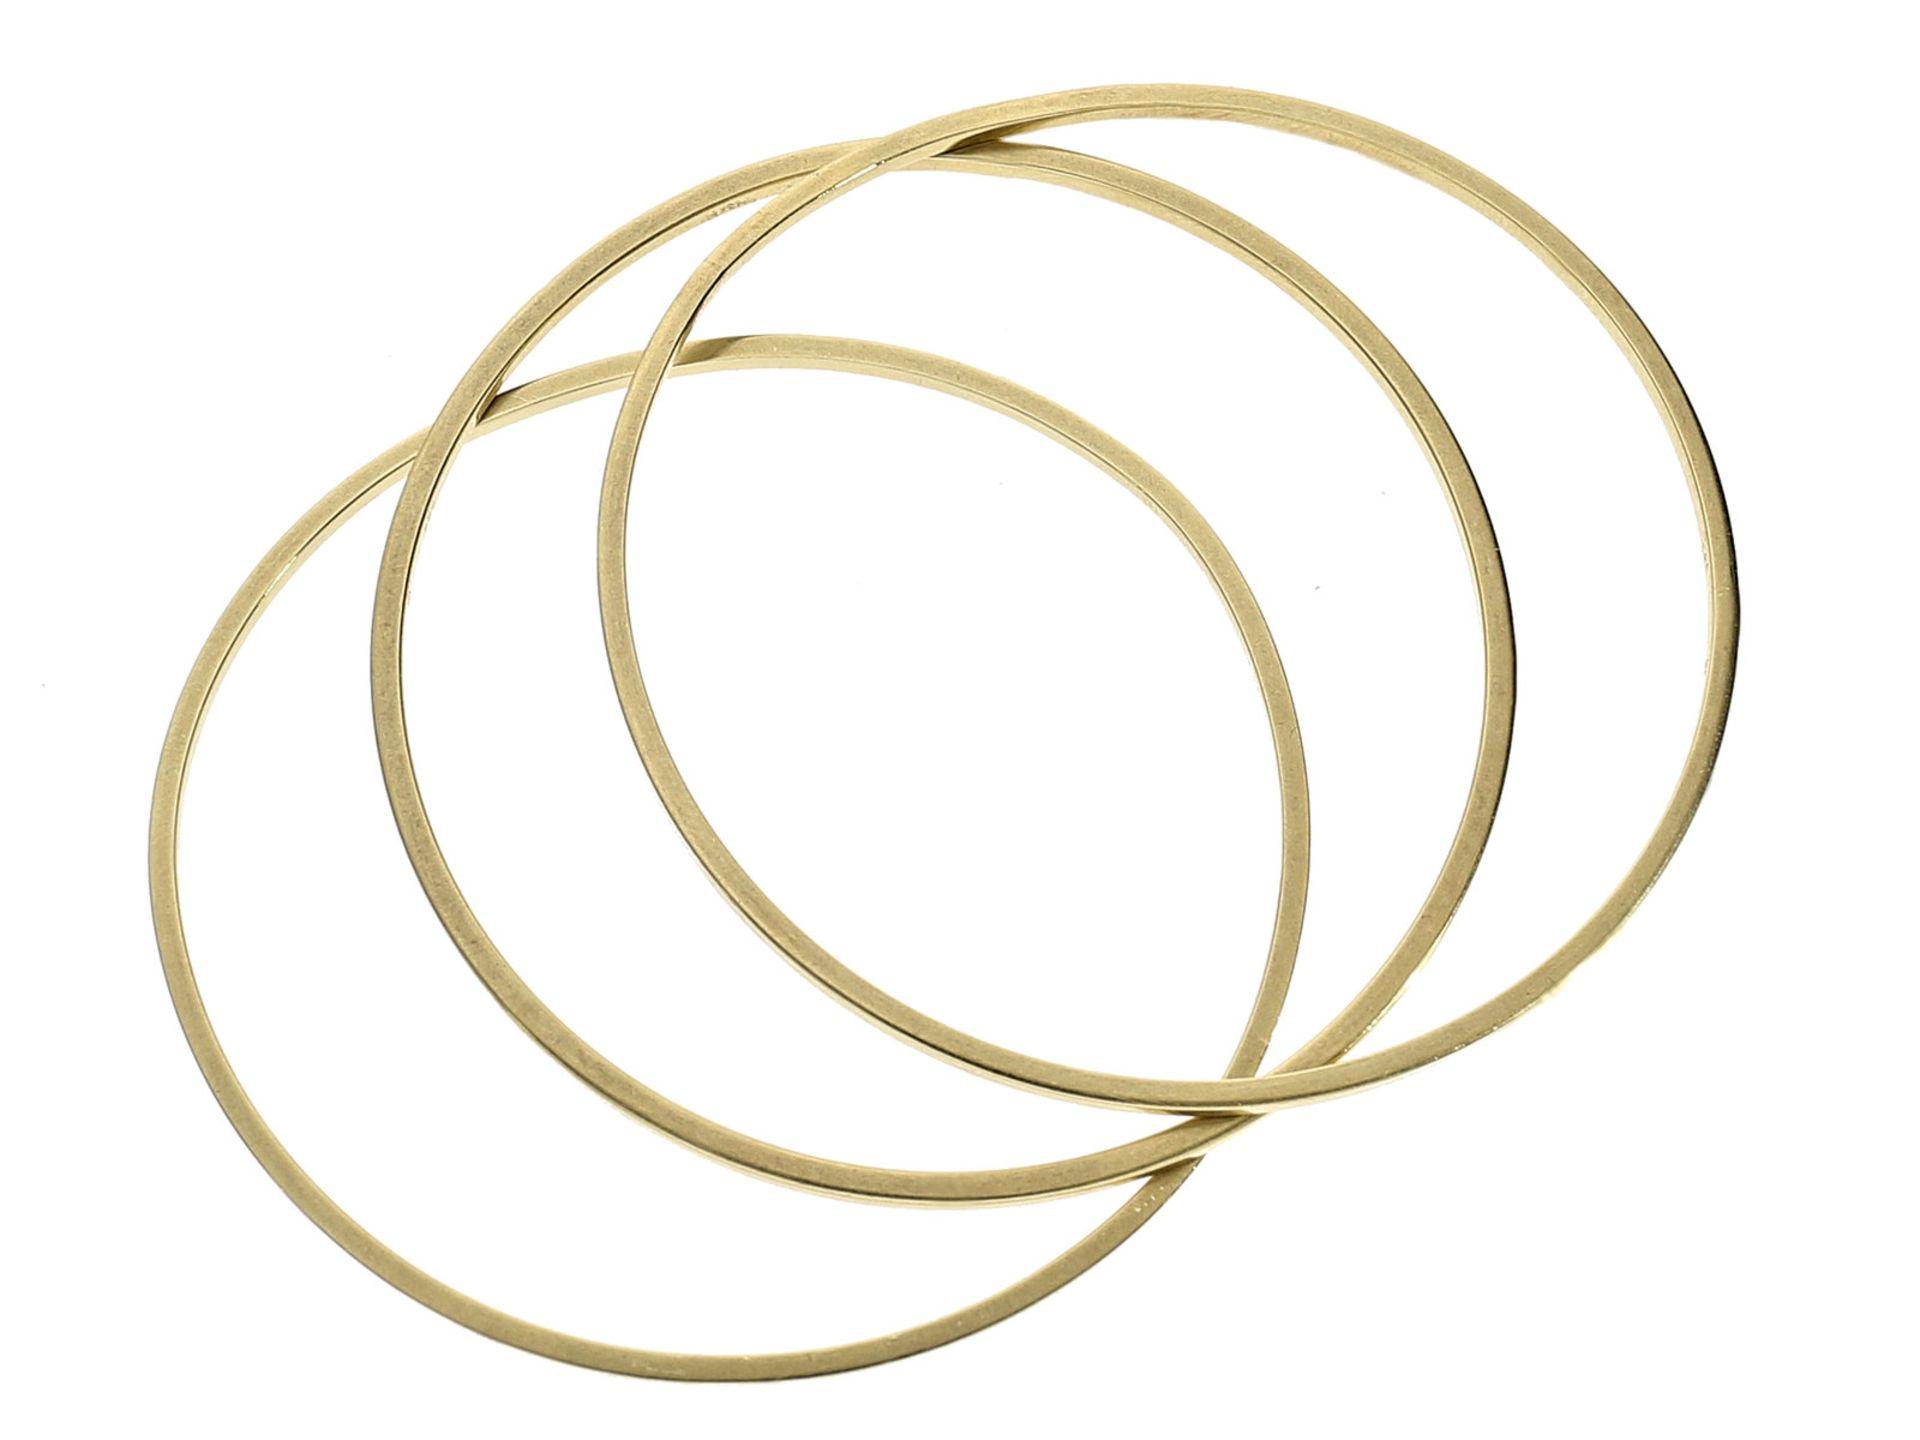 Armreif: 3 goldene vintage Armreife, sehr schöne QualitätCa. Ø65mm, ca. 30,2g, 14K Gold, insgesamt